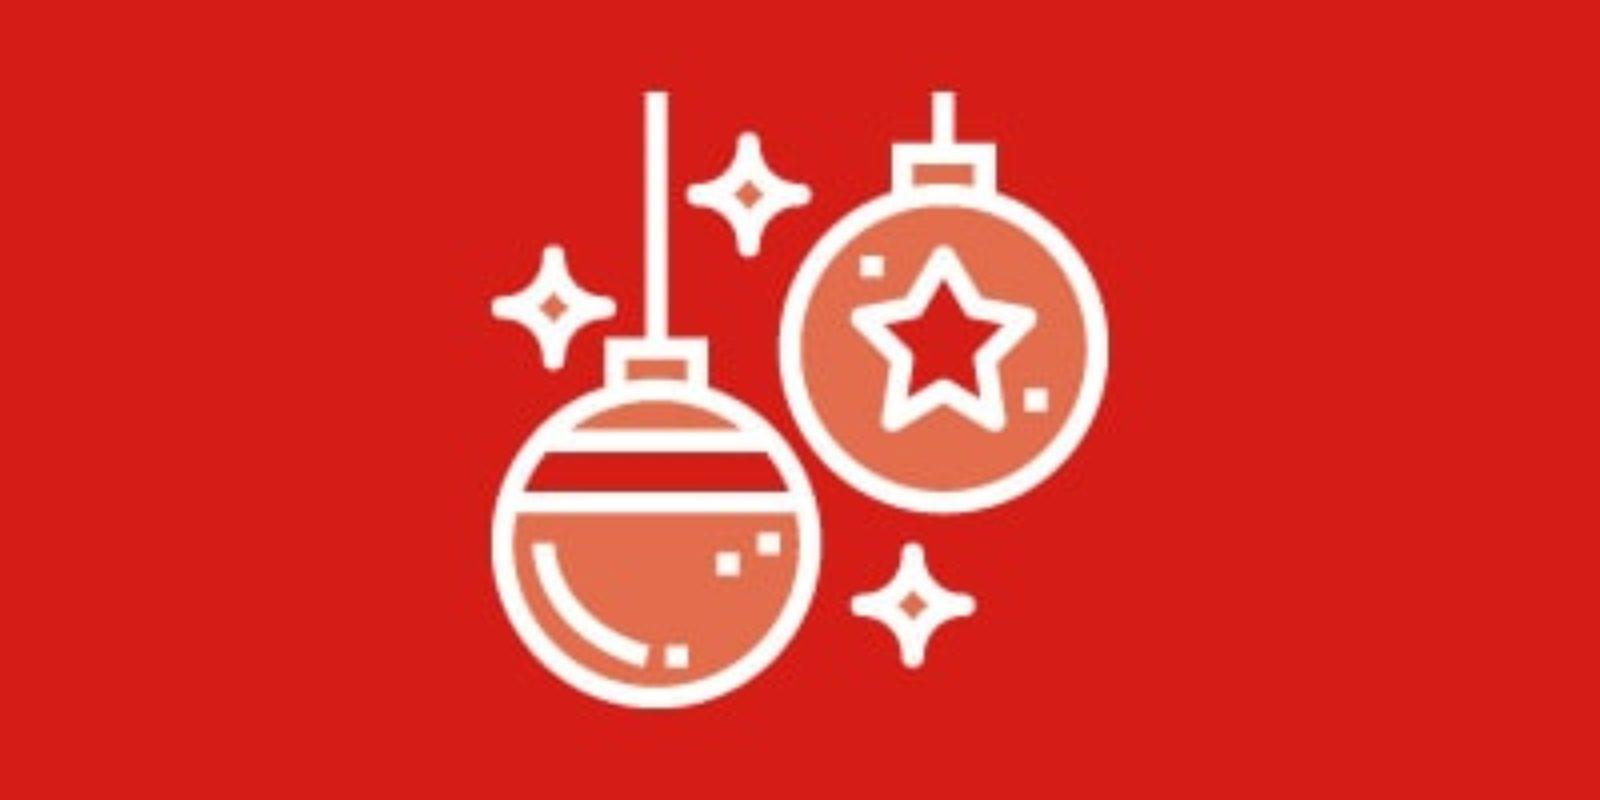 Kat-Icon-Weihnachten_w